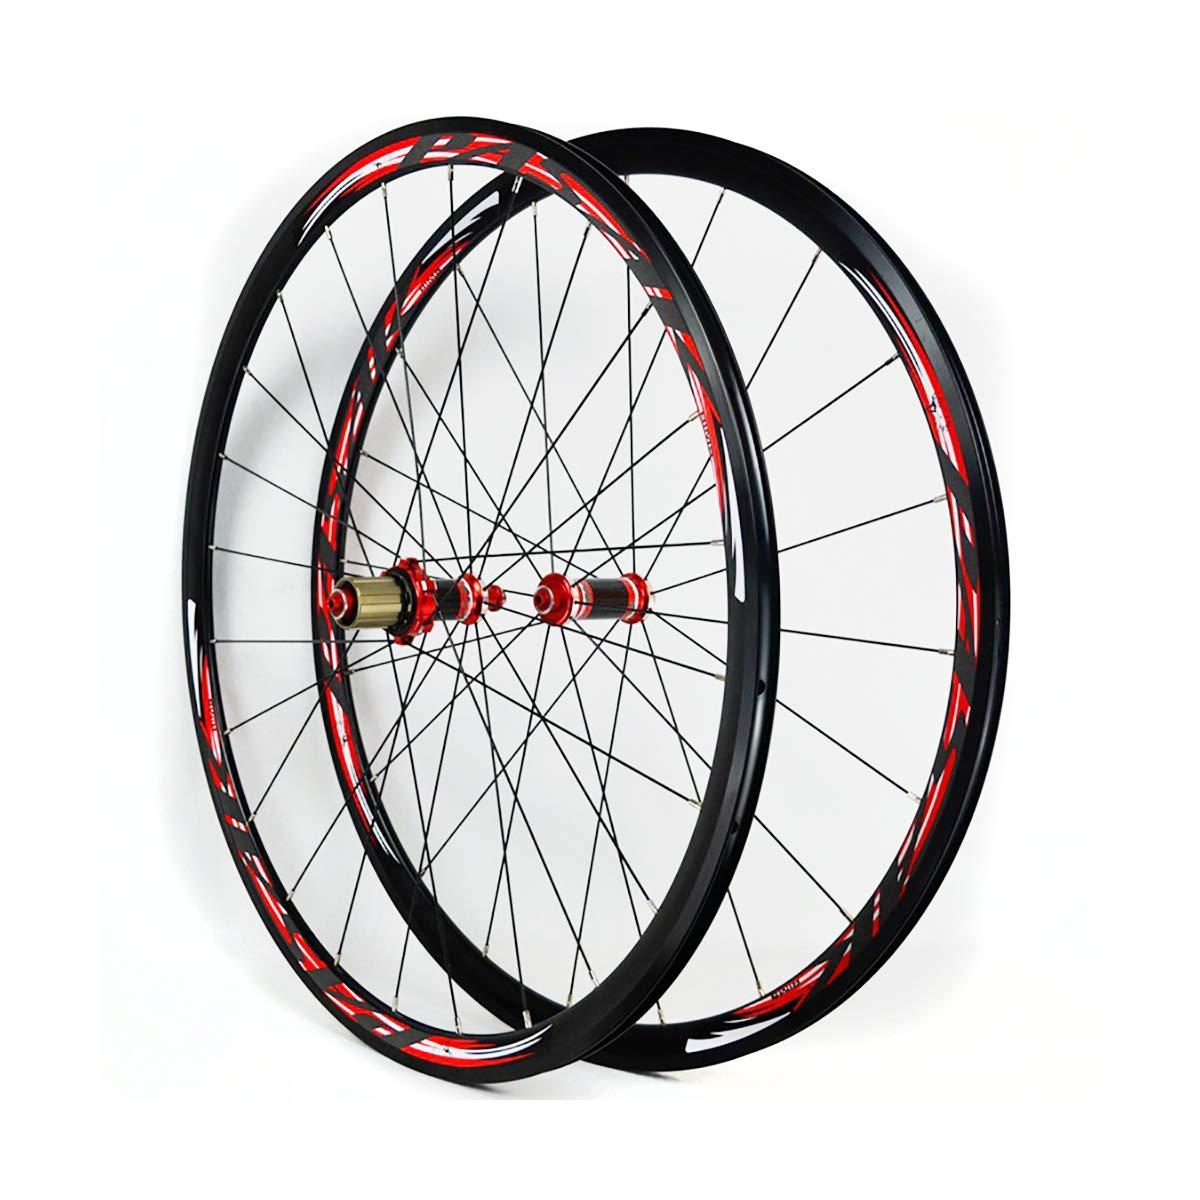 LIDAUTO Carbono Bicicleta Ruedas Tubular Mate Ultra Ligero 29,Red: Amazon.es: Deportes y aire libre